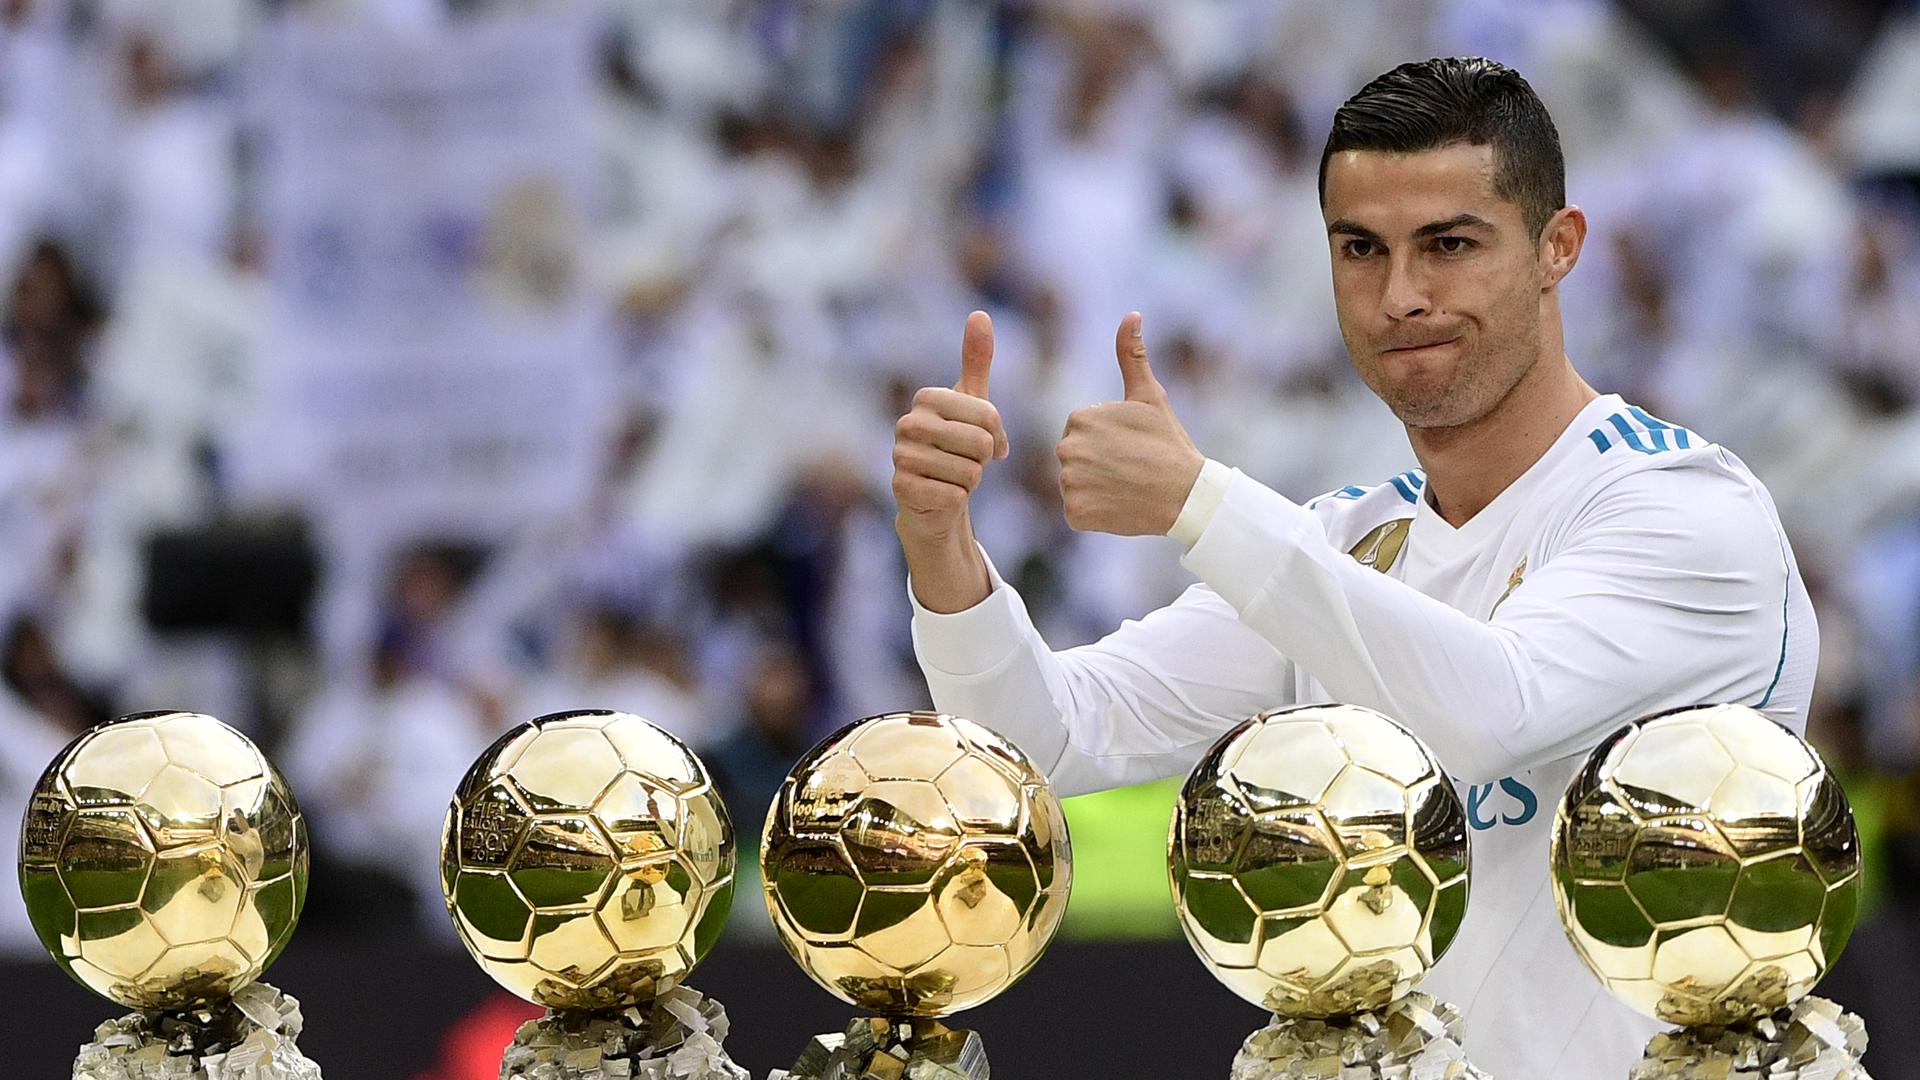 Cristiano Ronaldo Ballon Dor 2017 7g92swksqi8q1a8phheufg84c